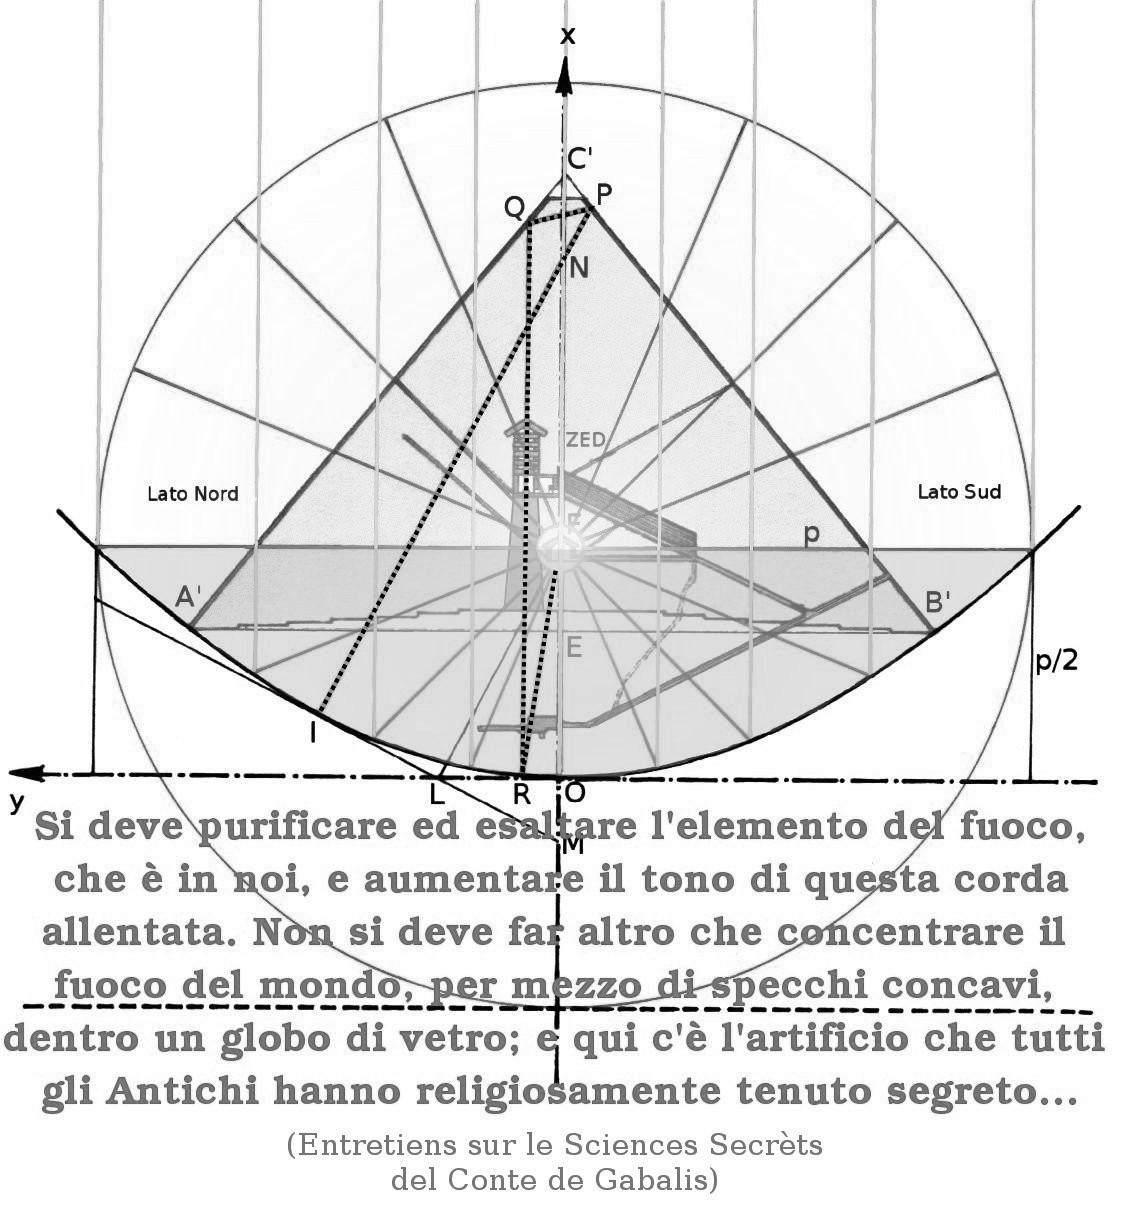 """(15) La grande Piramide. I raggi del Sole alchemico generano il """"Fuoco di Ruota"""", grazie al Bagno di Meti. La visione del Sacro Graal."""